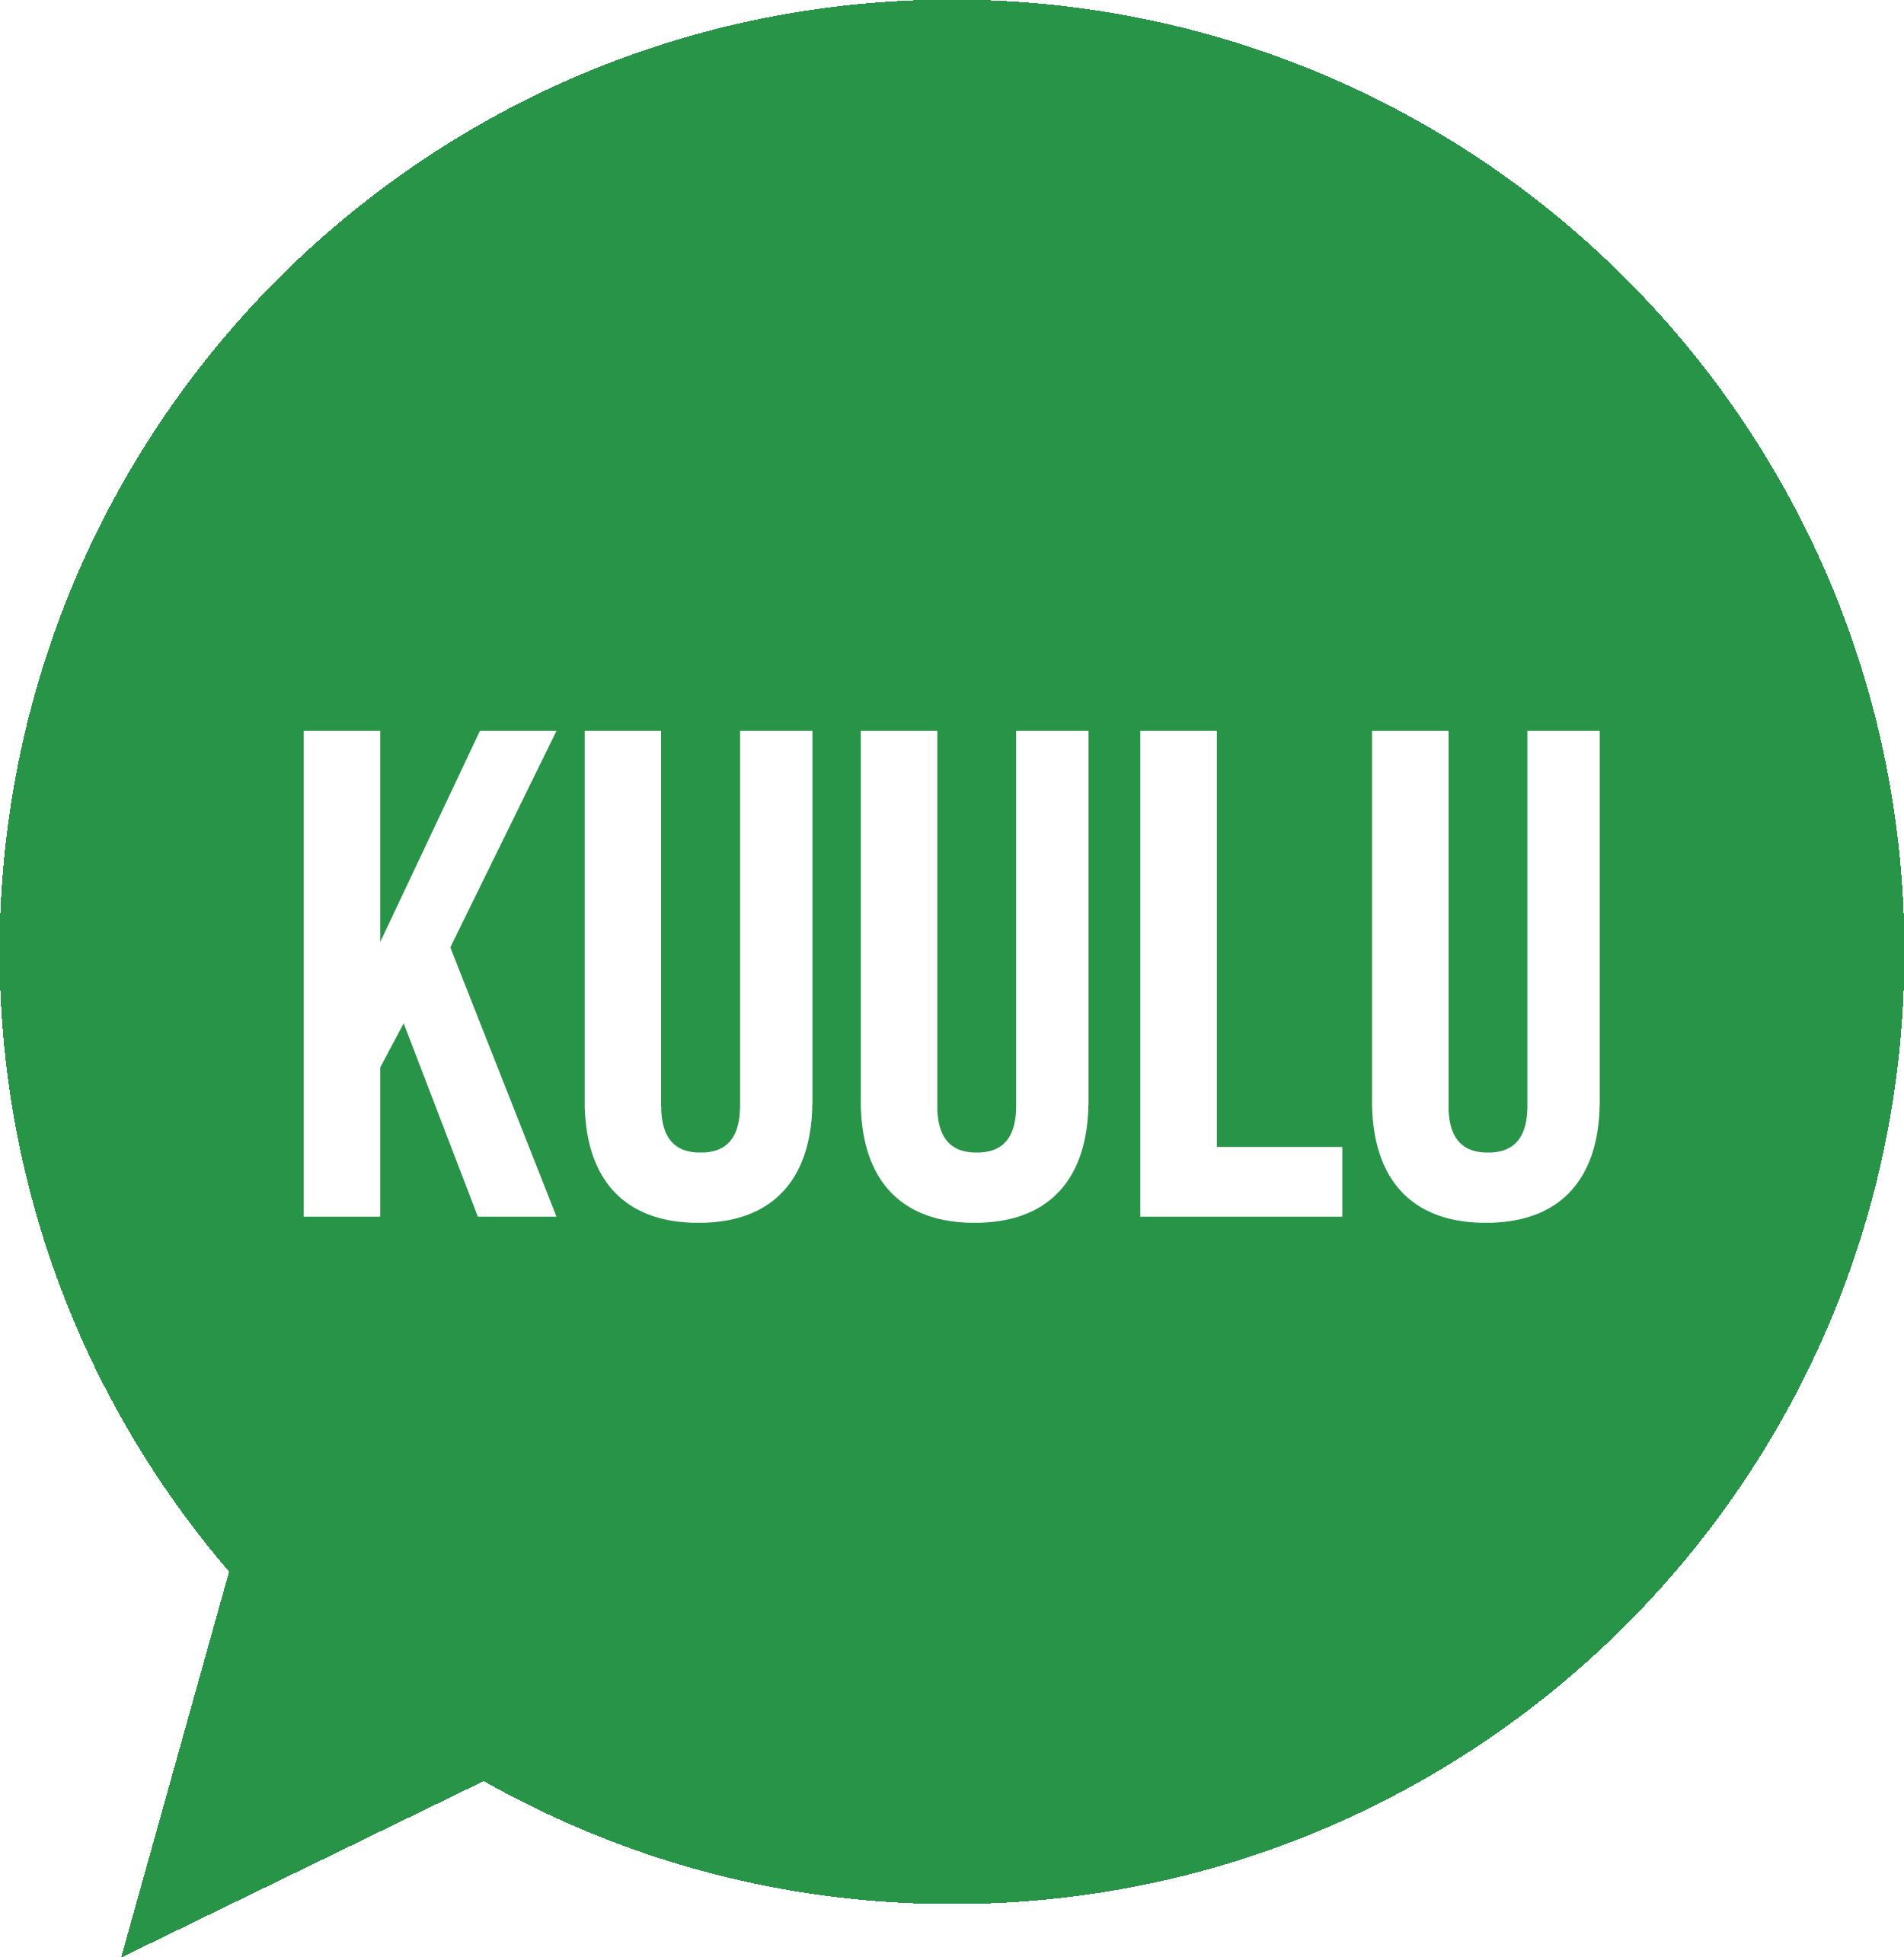 Kuulu_logo